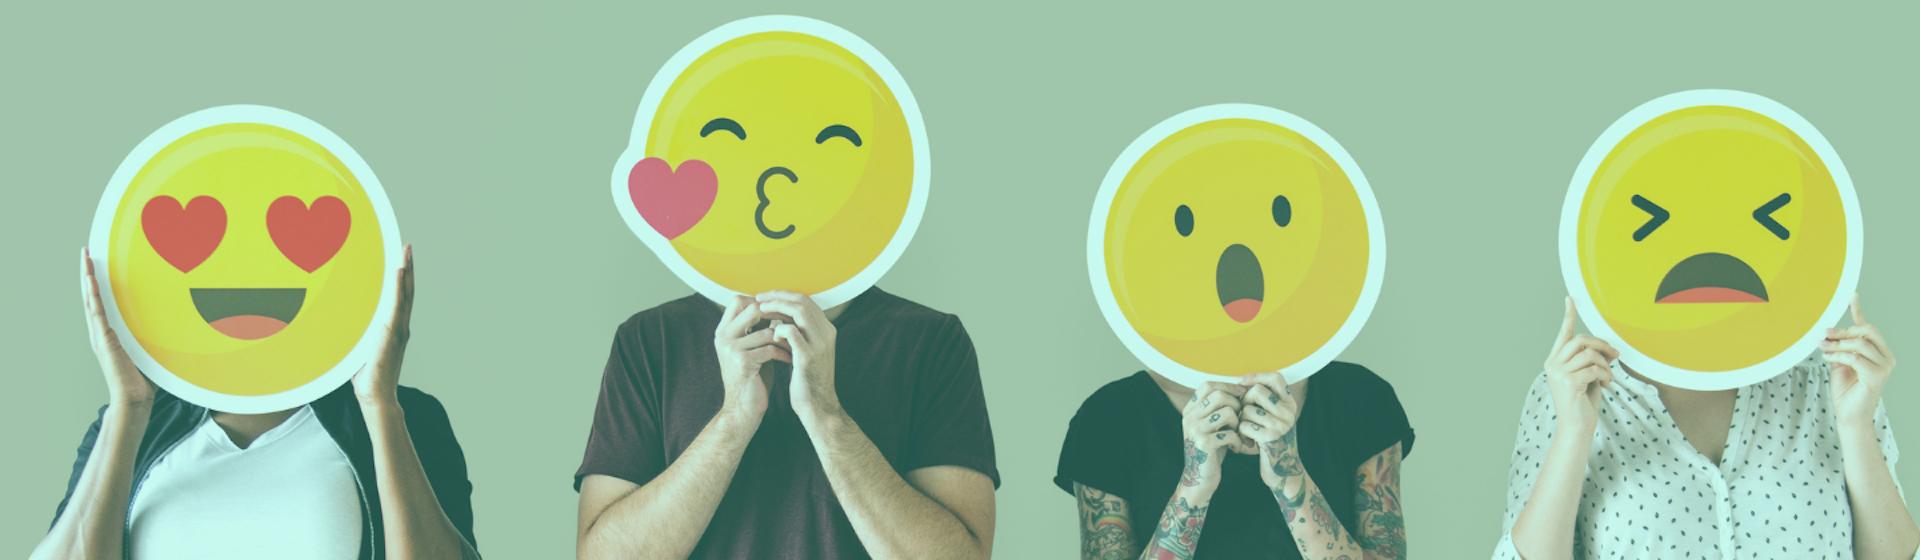 +10 mejores libros de inteligencia emocional: ¡Sé un máster de tus emociones!